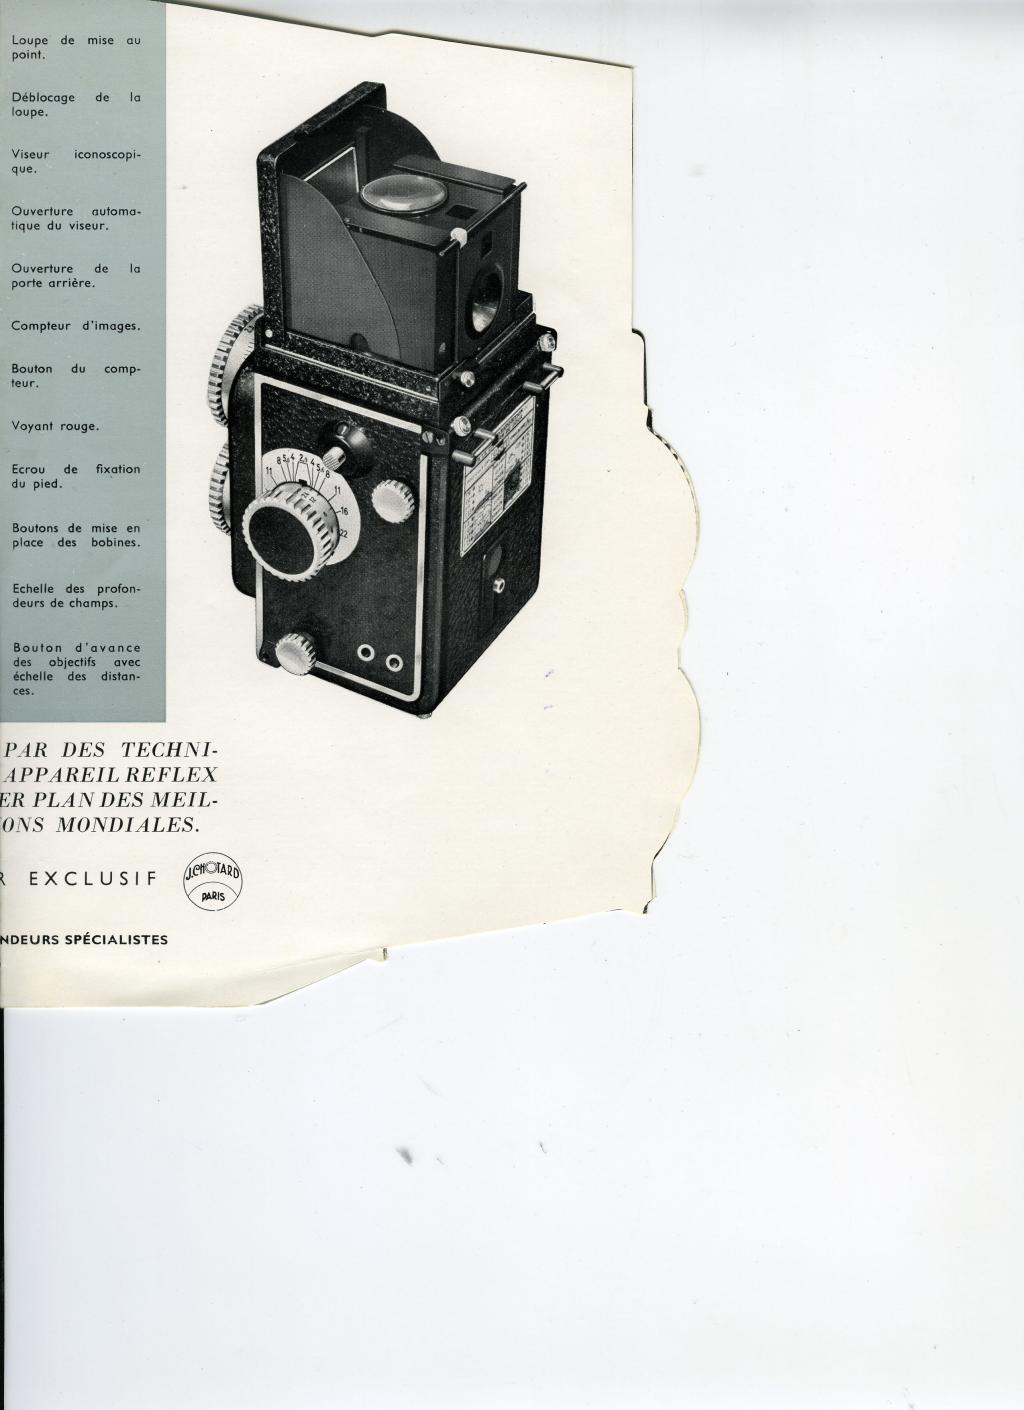 Wallpaper 2069-27  ALSAPHOT  Bioflex 1er modele, collection AMI Appareils photos